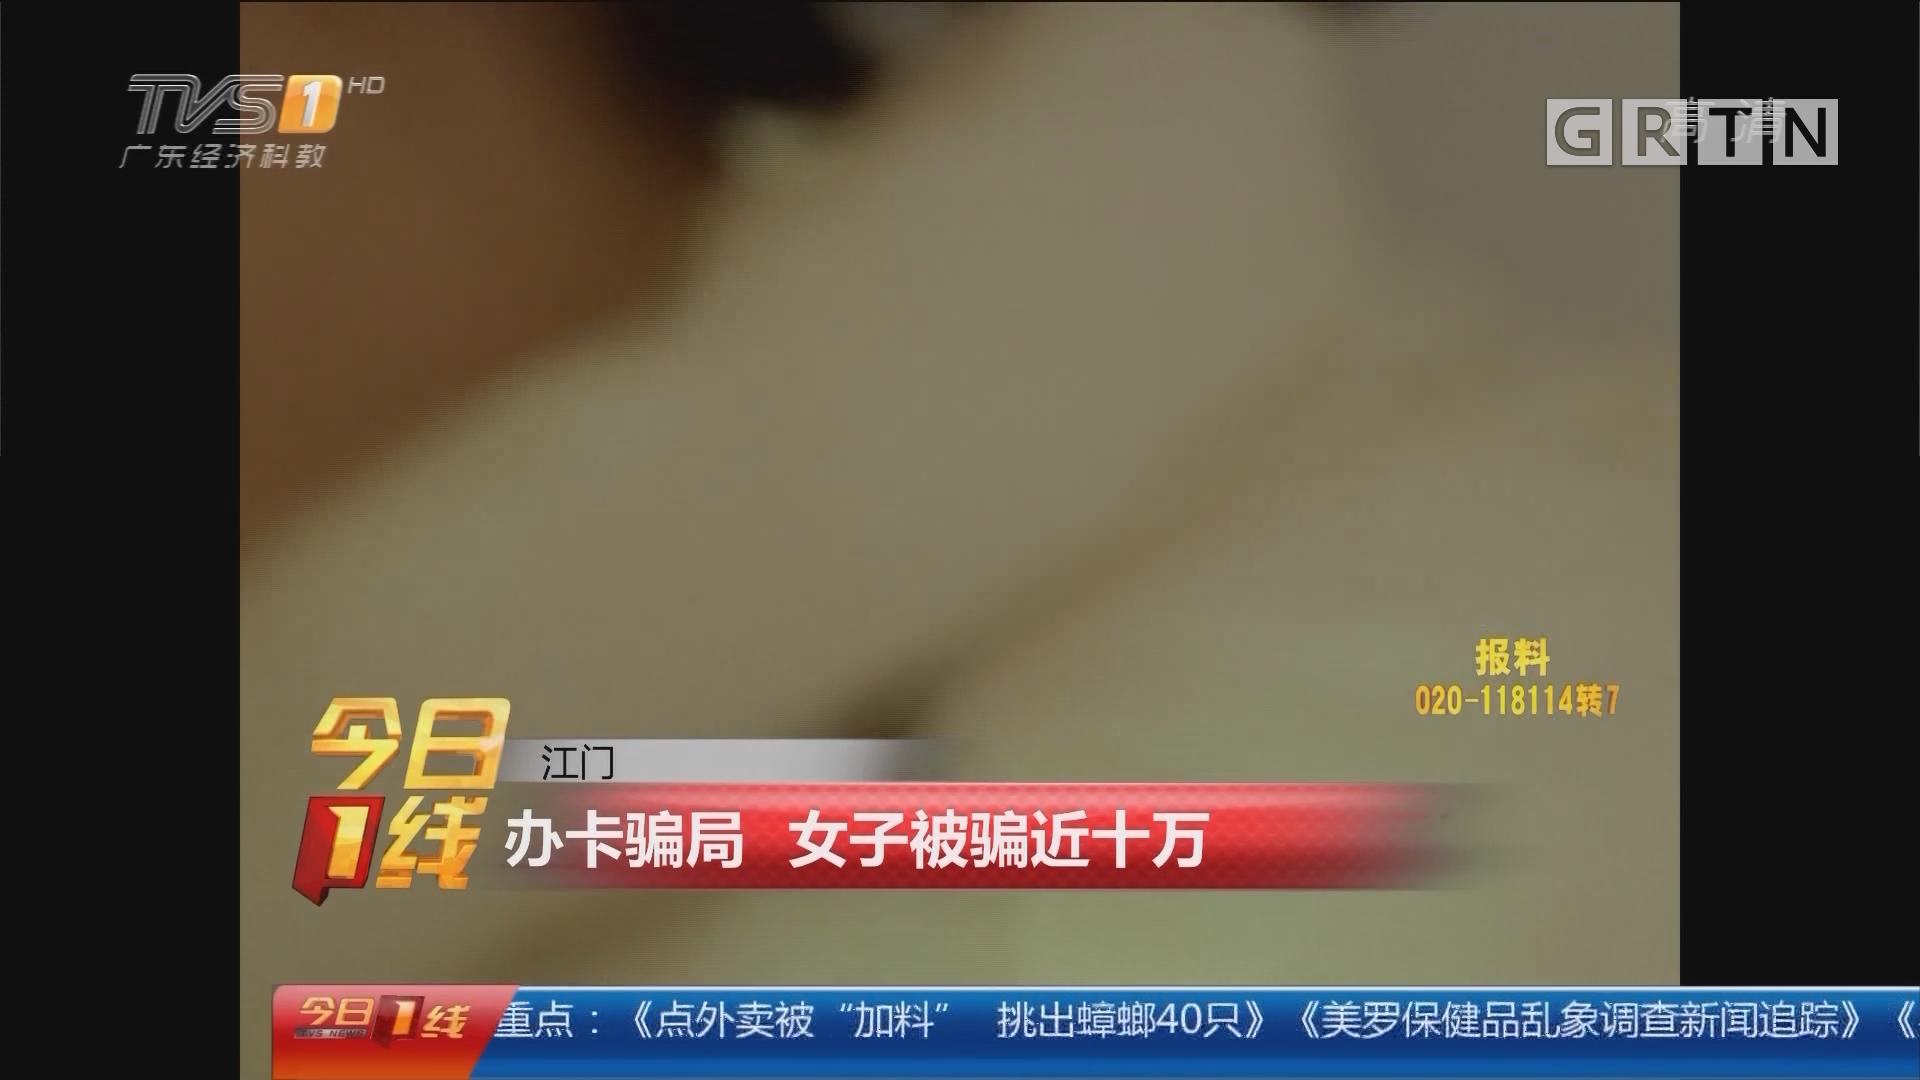 江门:办卡骗局 女子被骗近十万